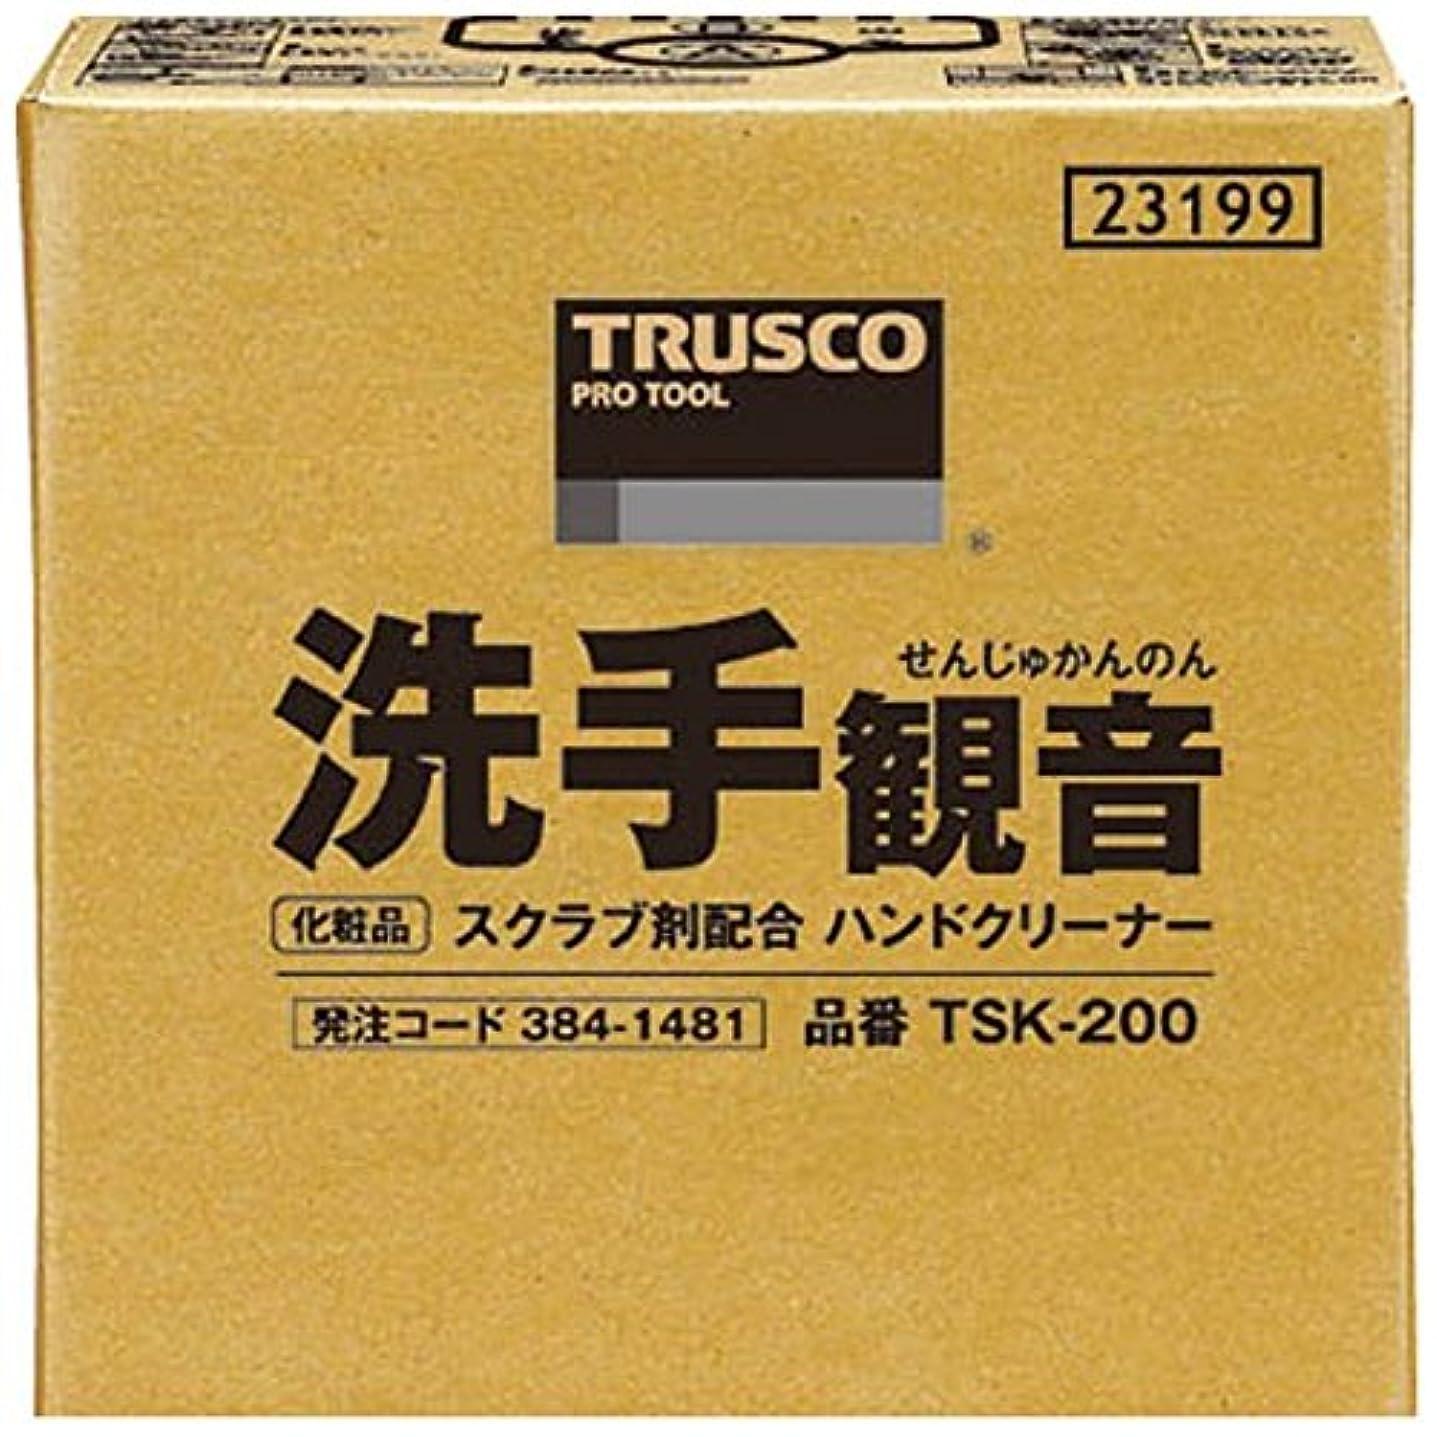 TRUSCO 洗手観音 20kg バックインボックス TSK-200